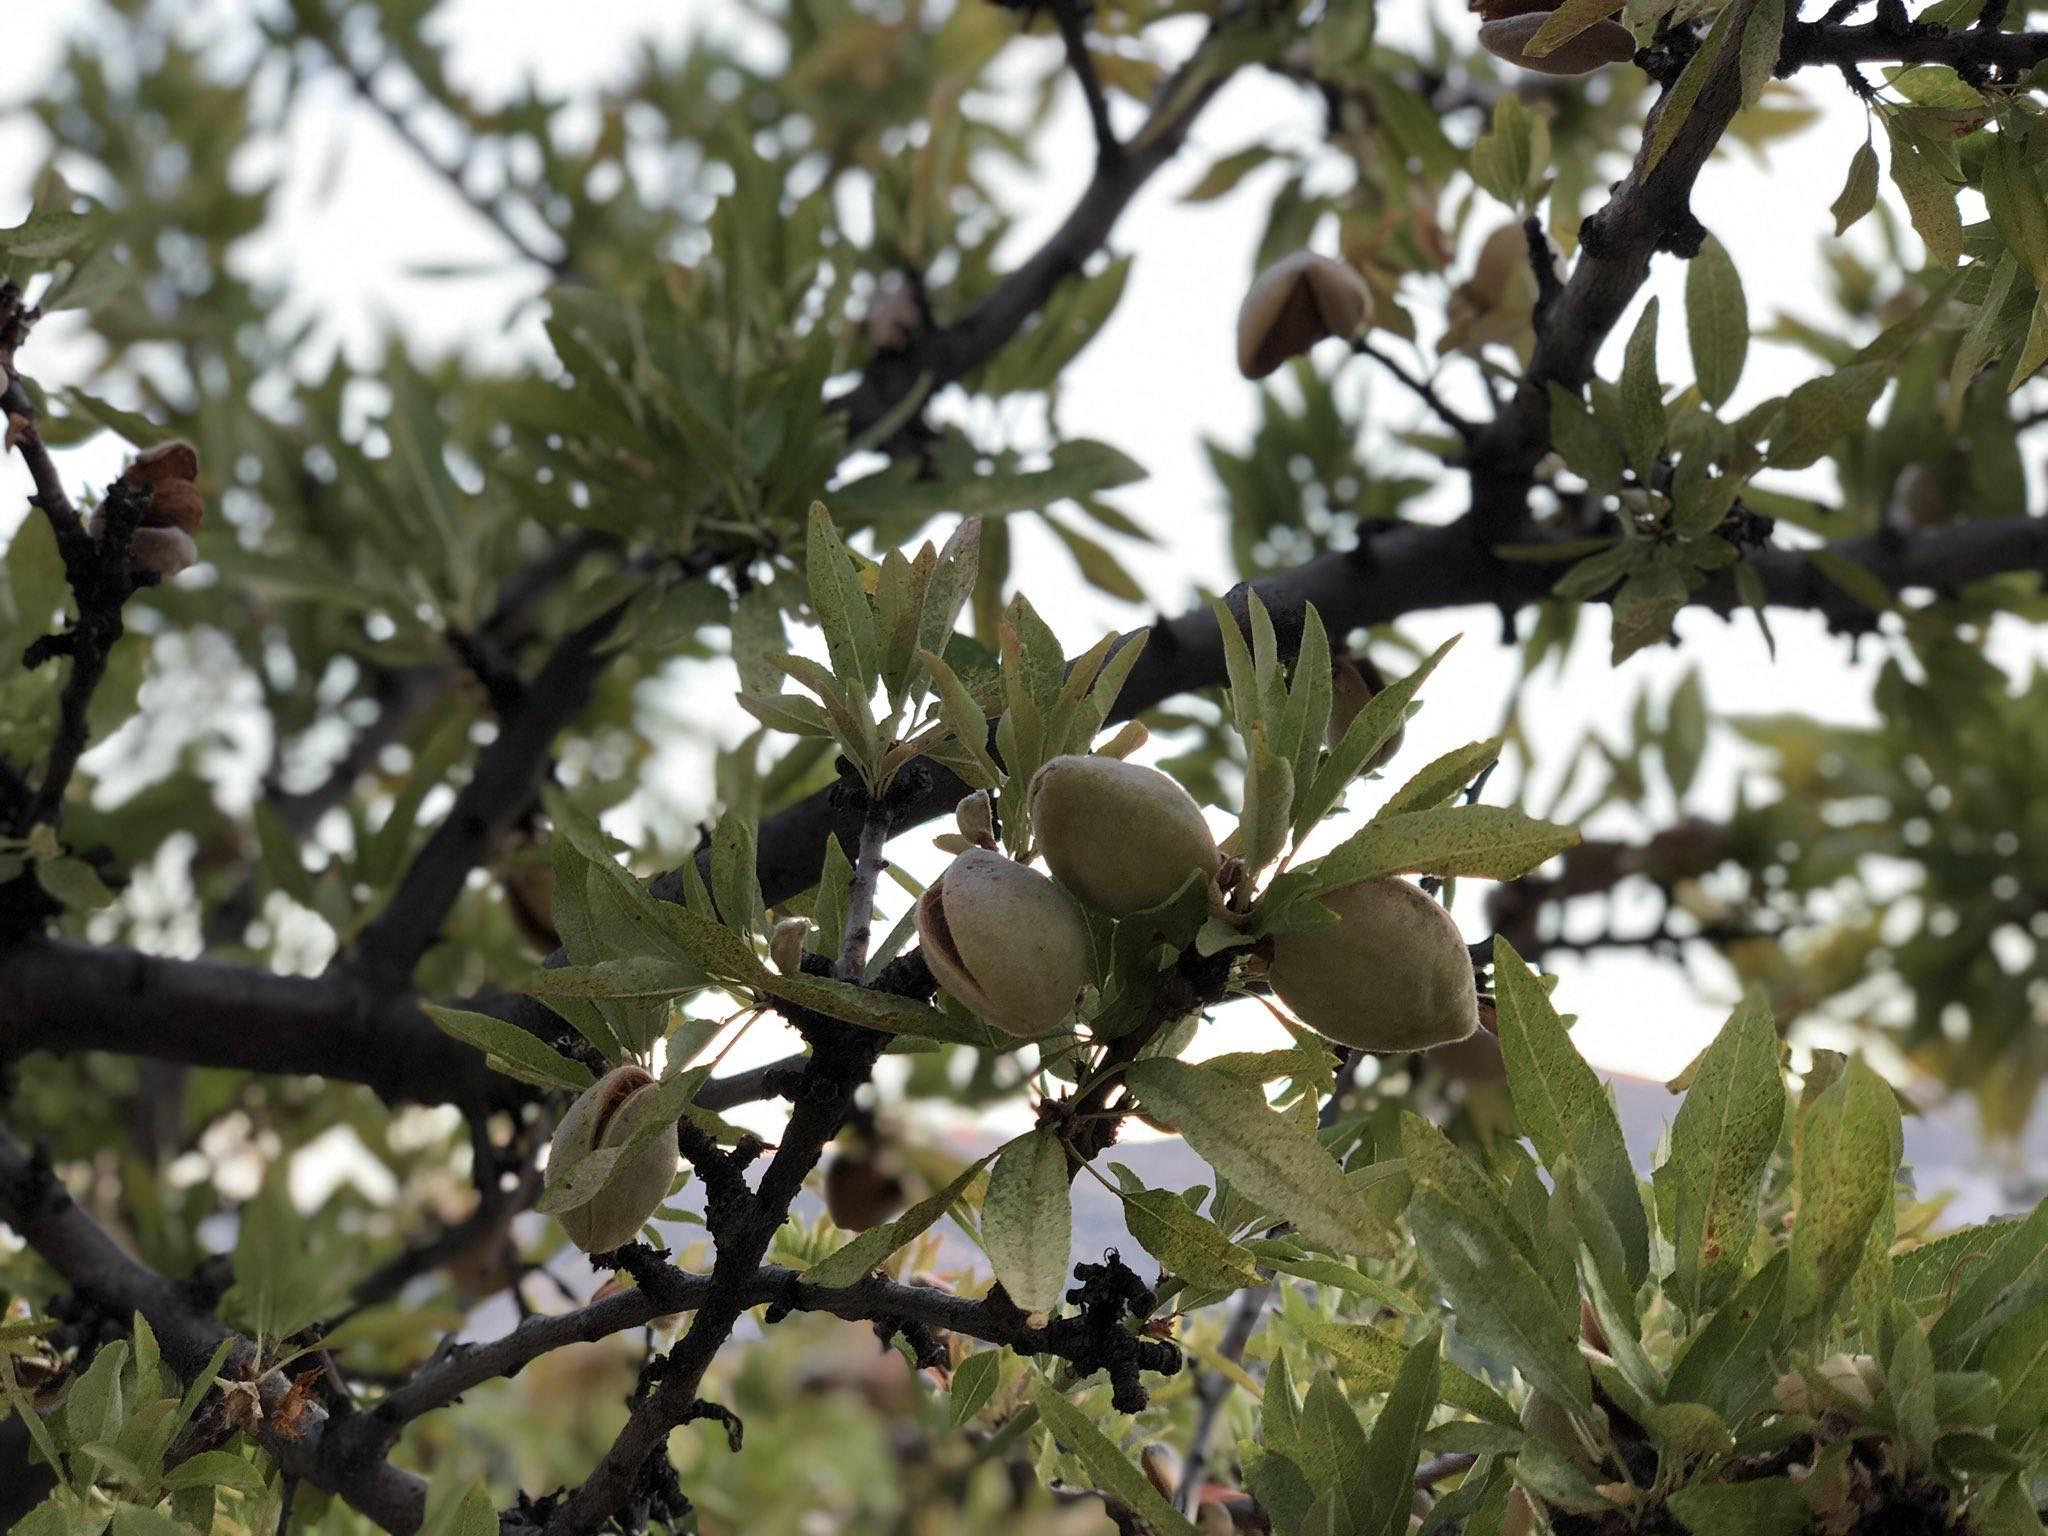 Как растет миндальный орех фото: условия выращивания в саду, сбор урожая и хранение, польза и вред для организма